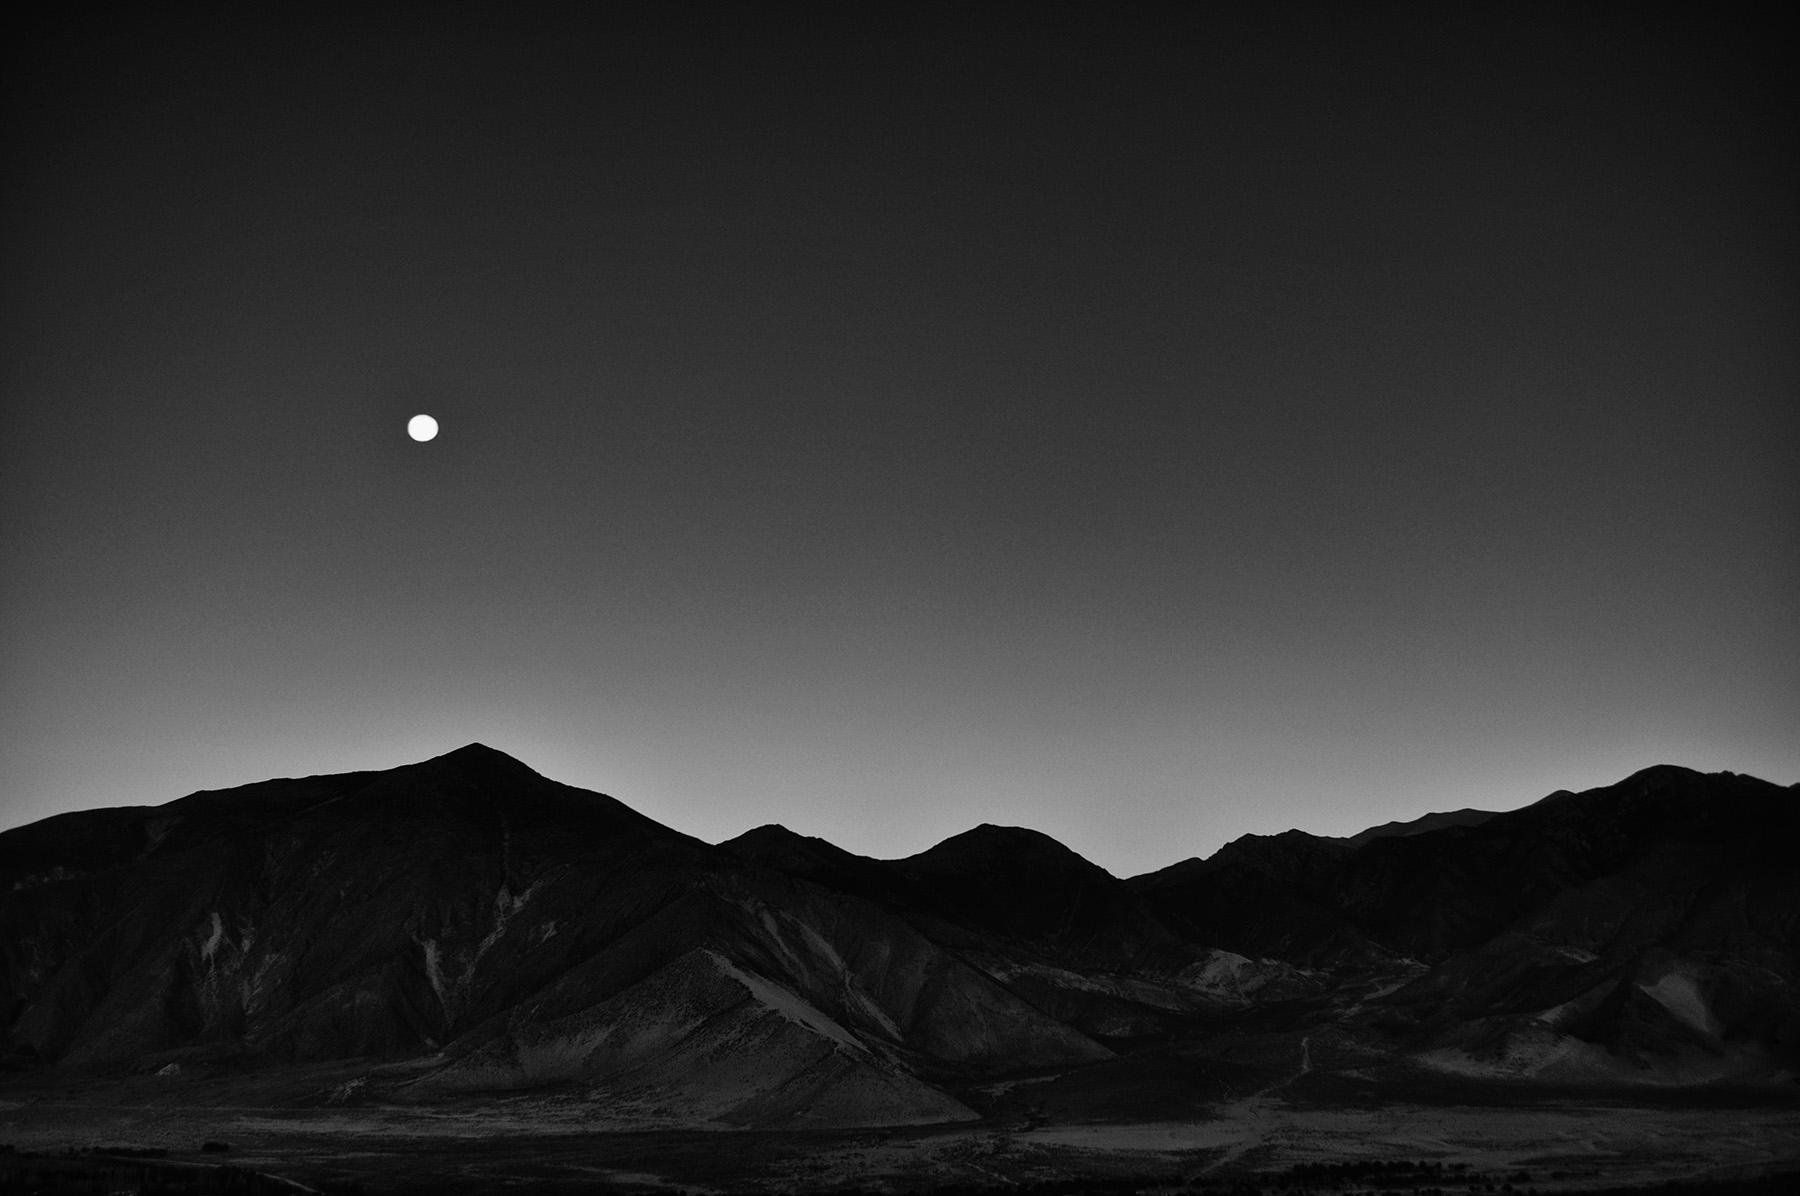 Full Moon over Samye, Tibet